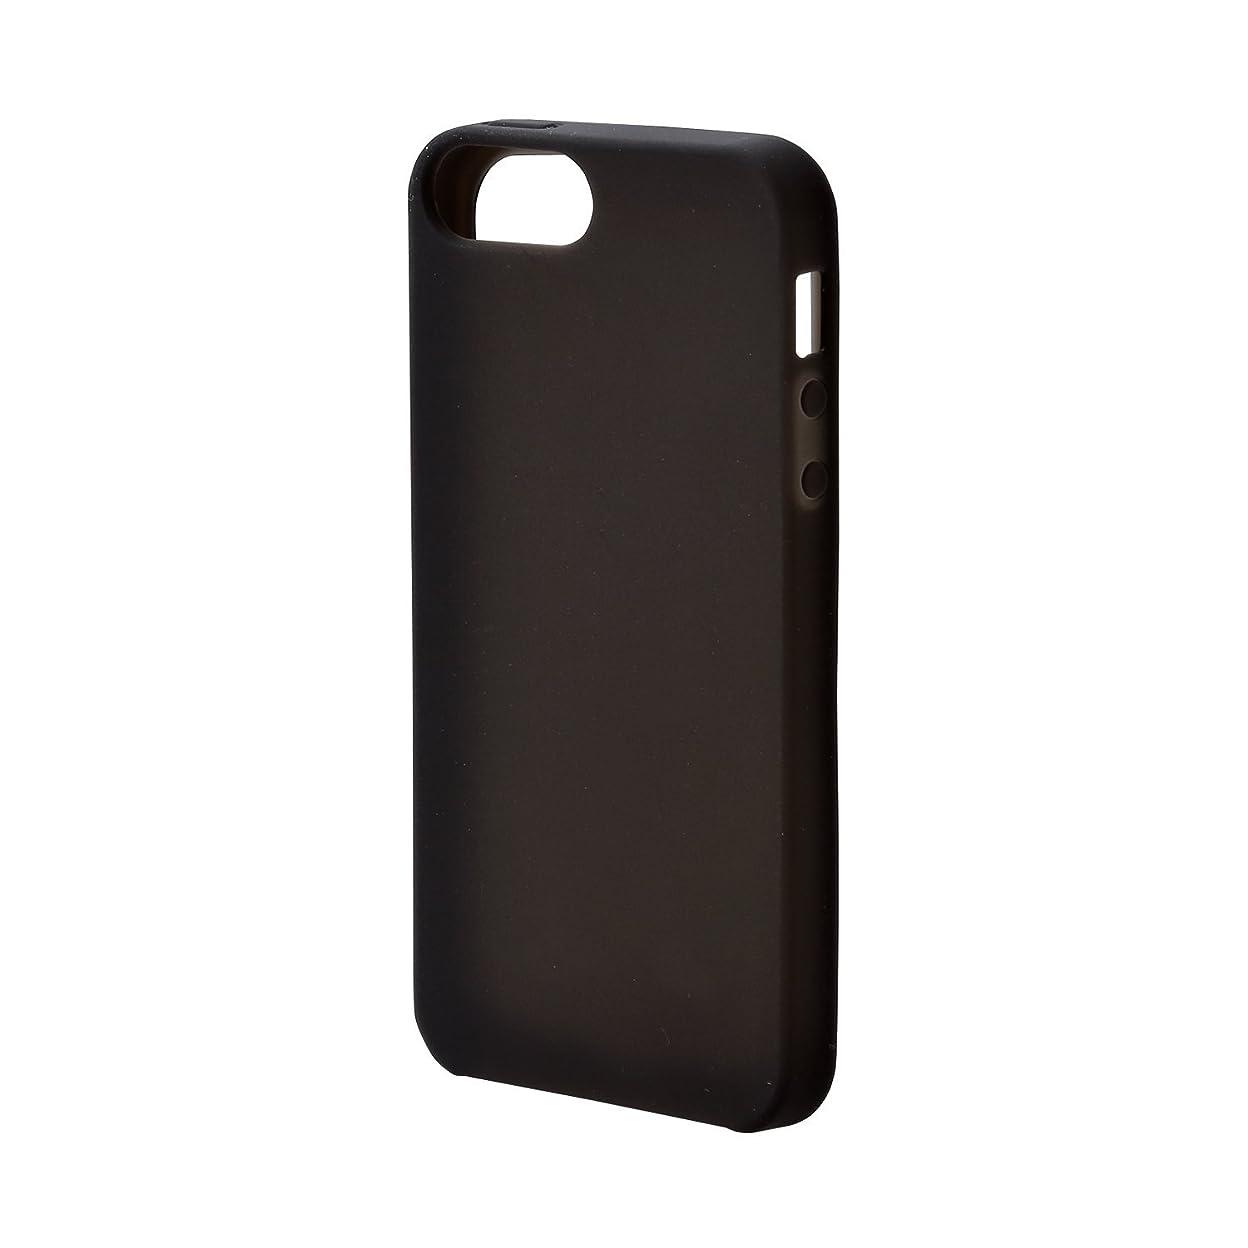 空中セブン冷えるエレコム iPhone SE ケース シリコン 【本体を優しく保護する】 iPhone 5s/5対応  ブラック PM-A18SSCBK